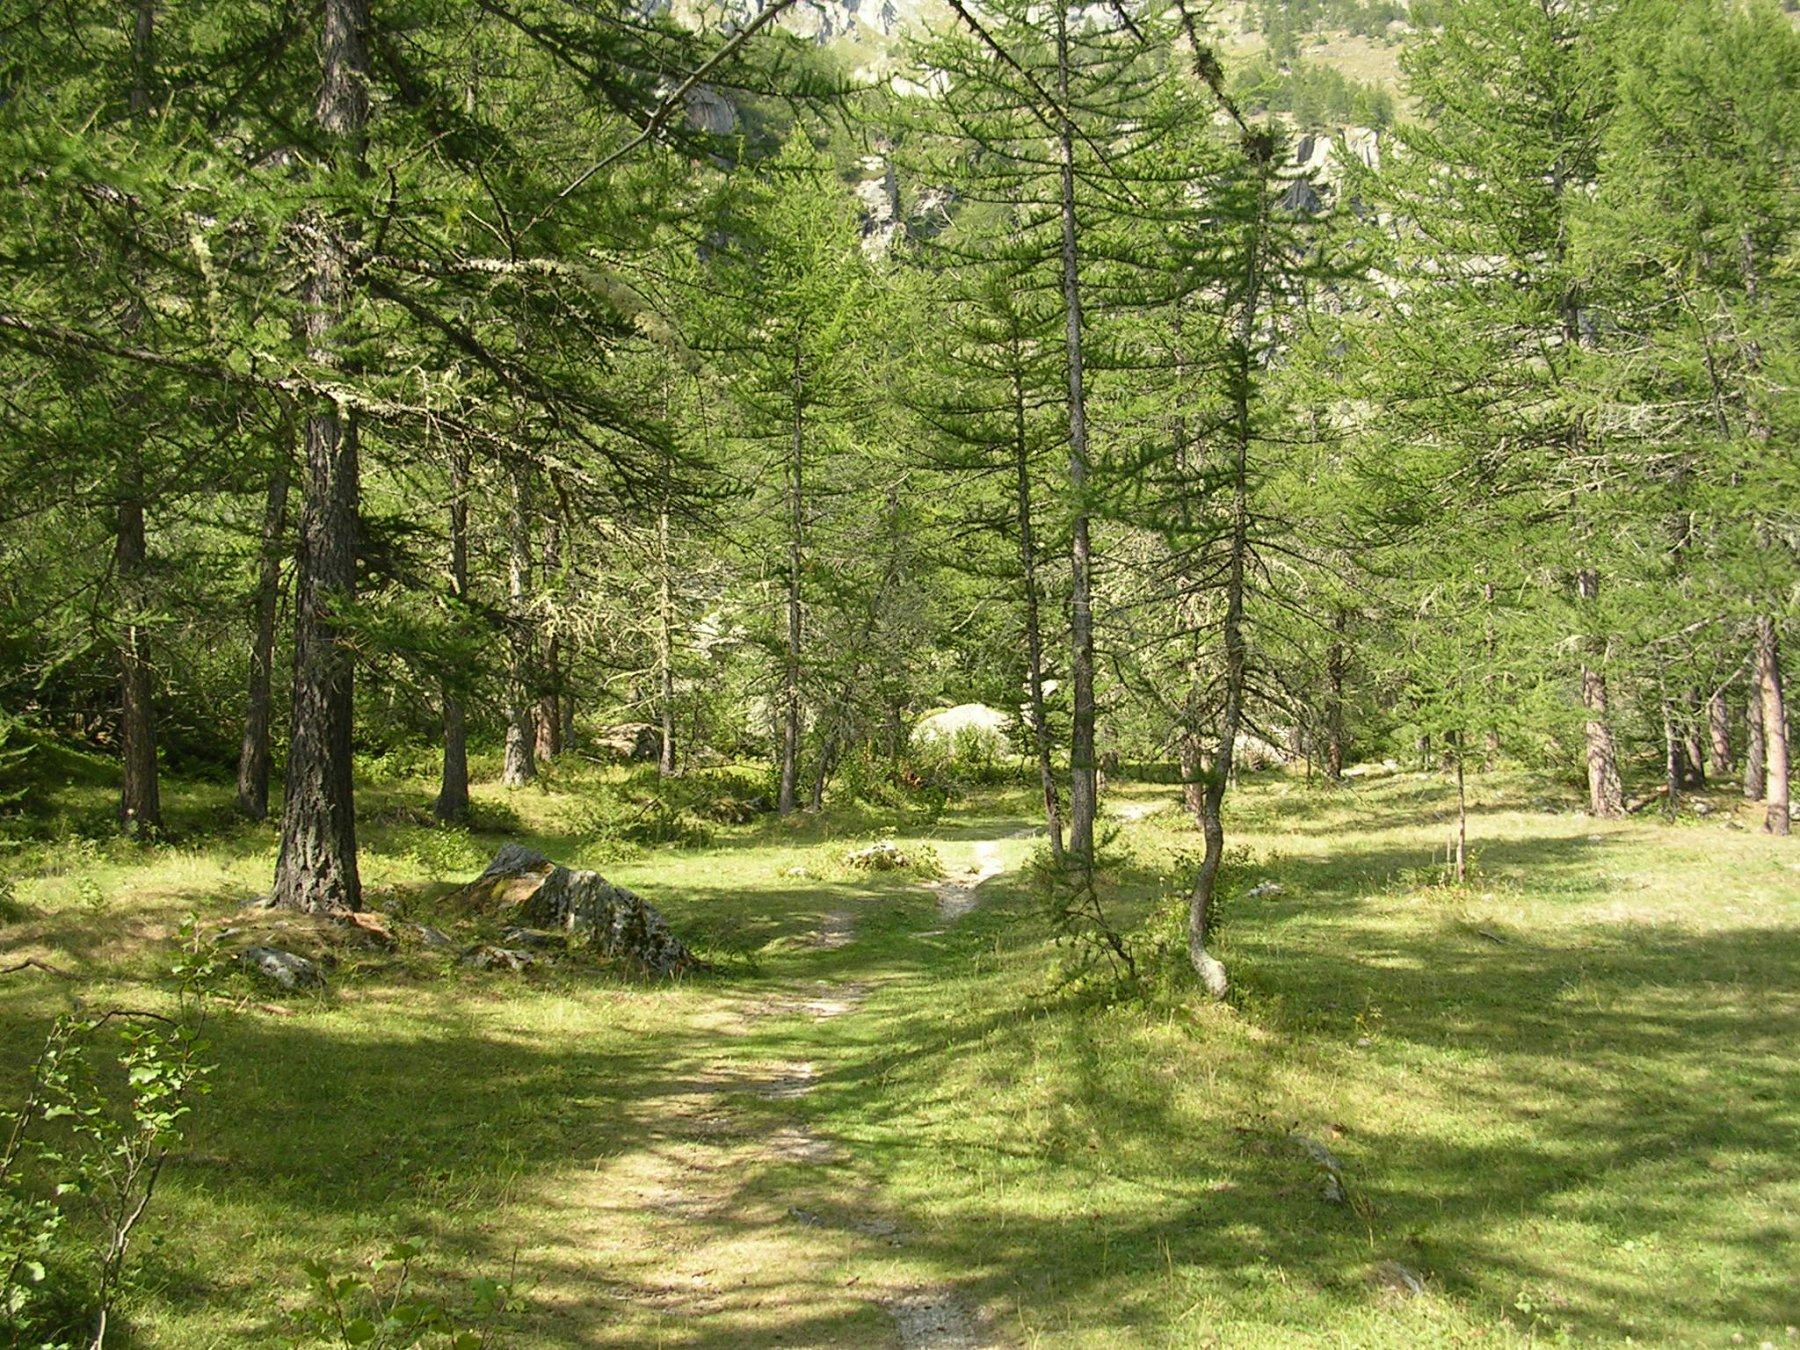 Il bosco di larici poco sopra al rifugio Levi